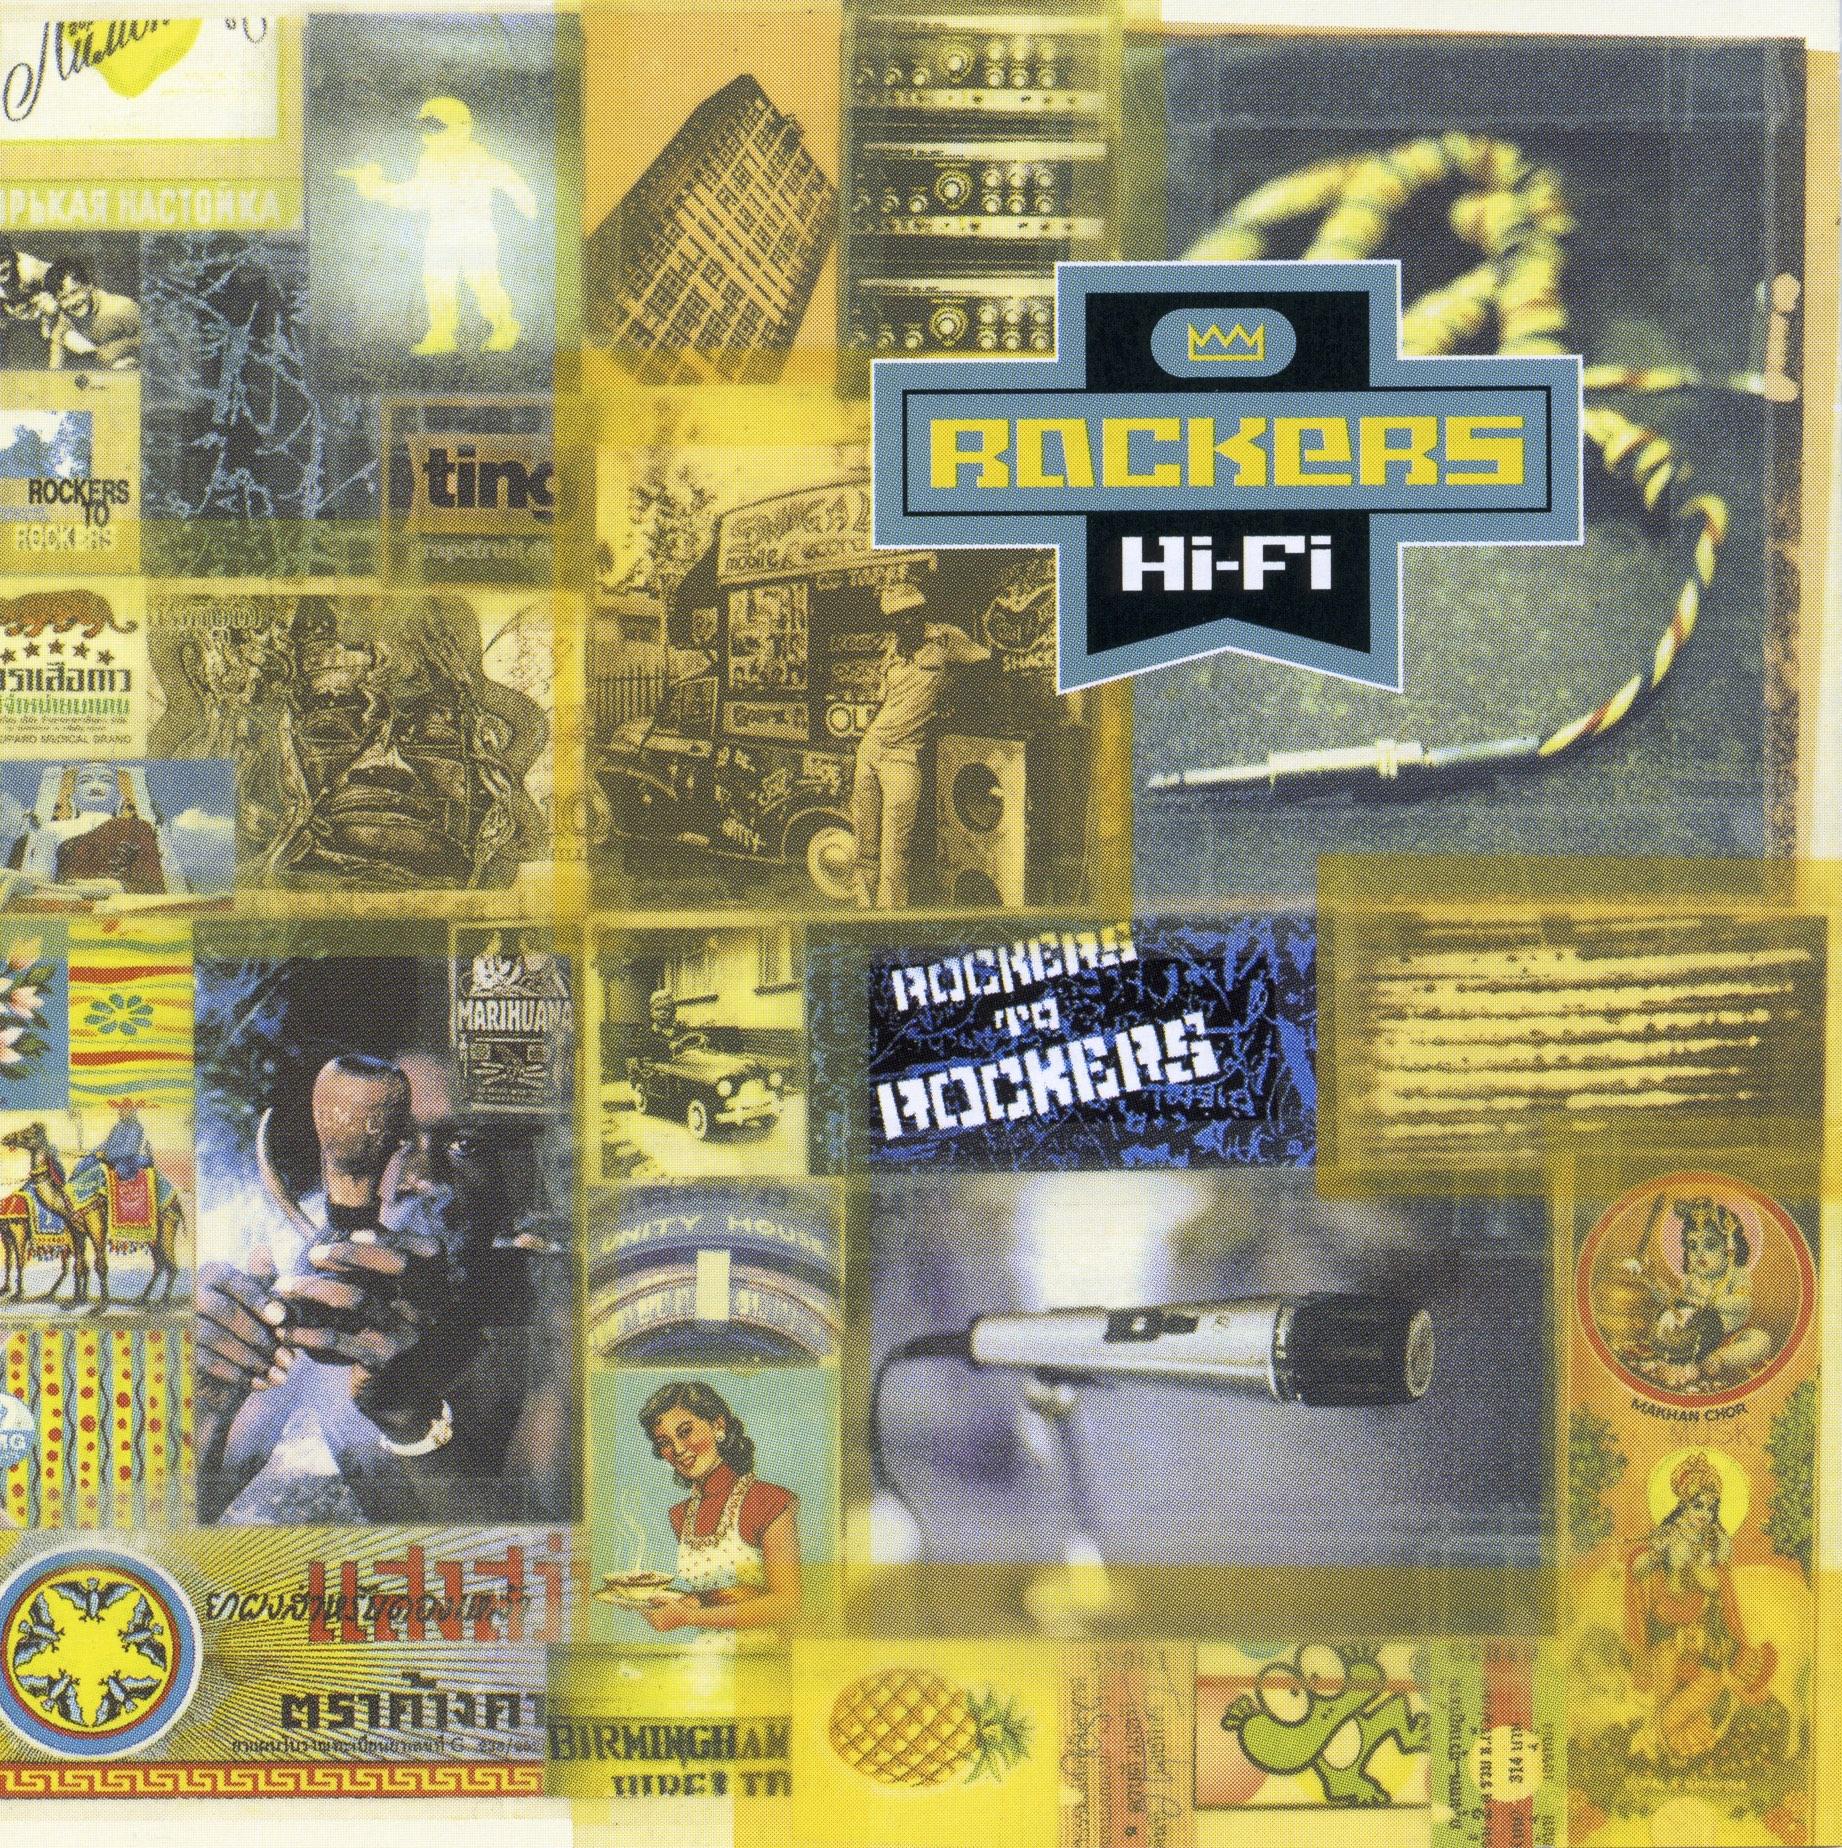 1995 - Rockers Hi-Fi